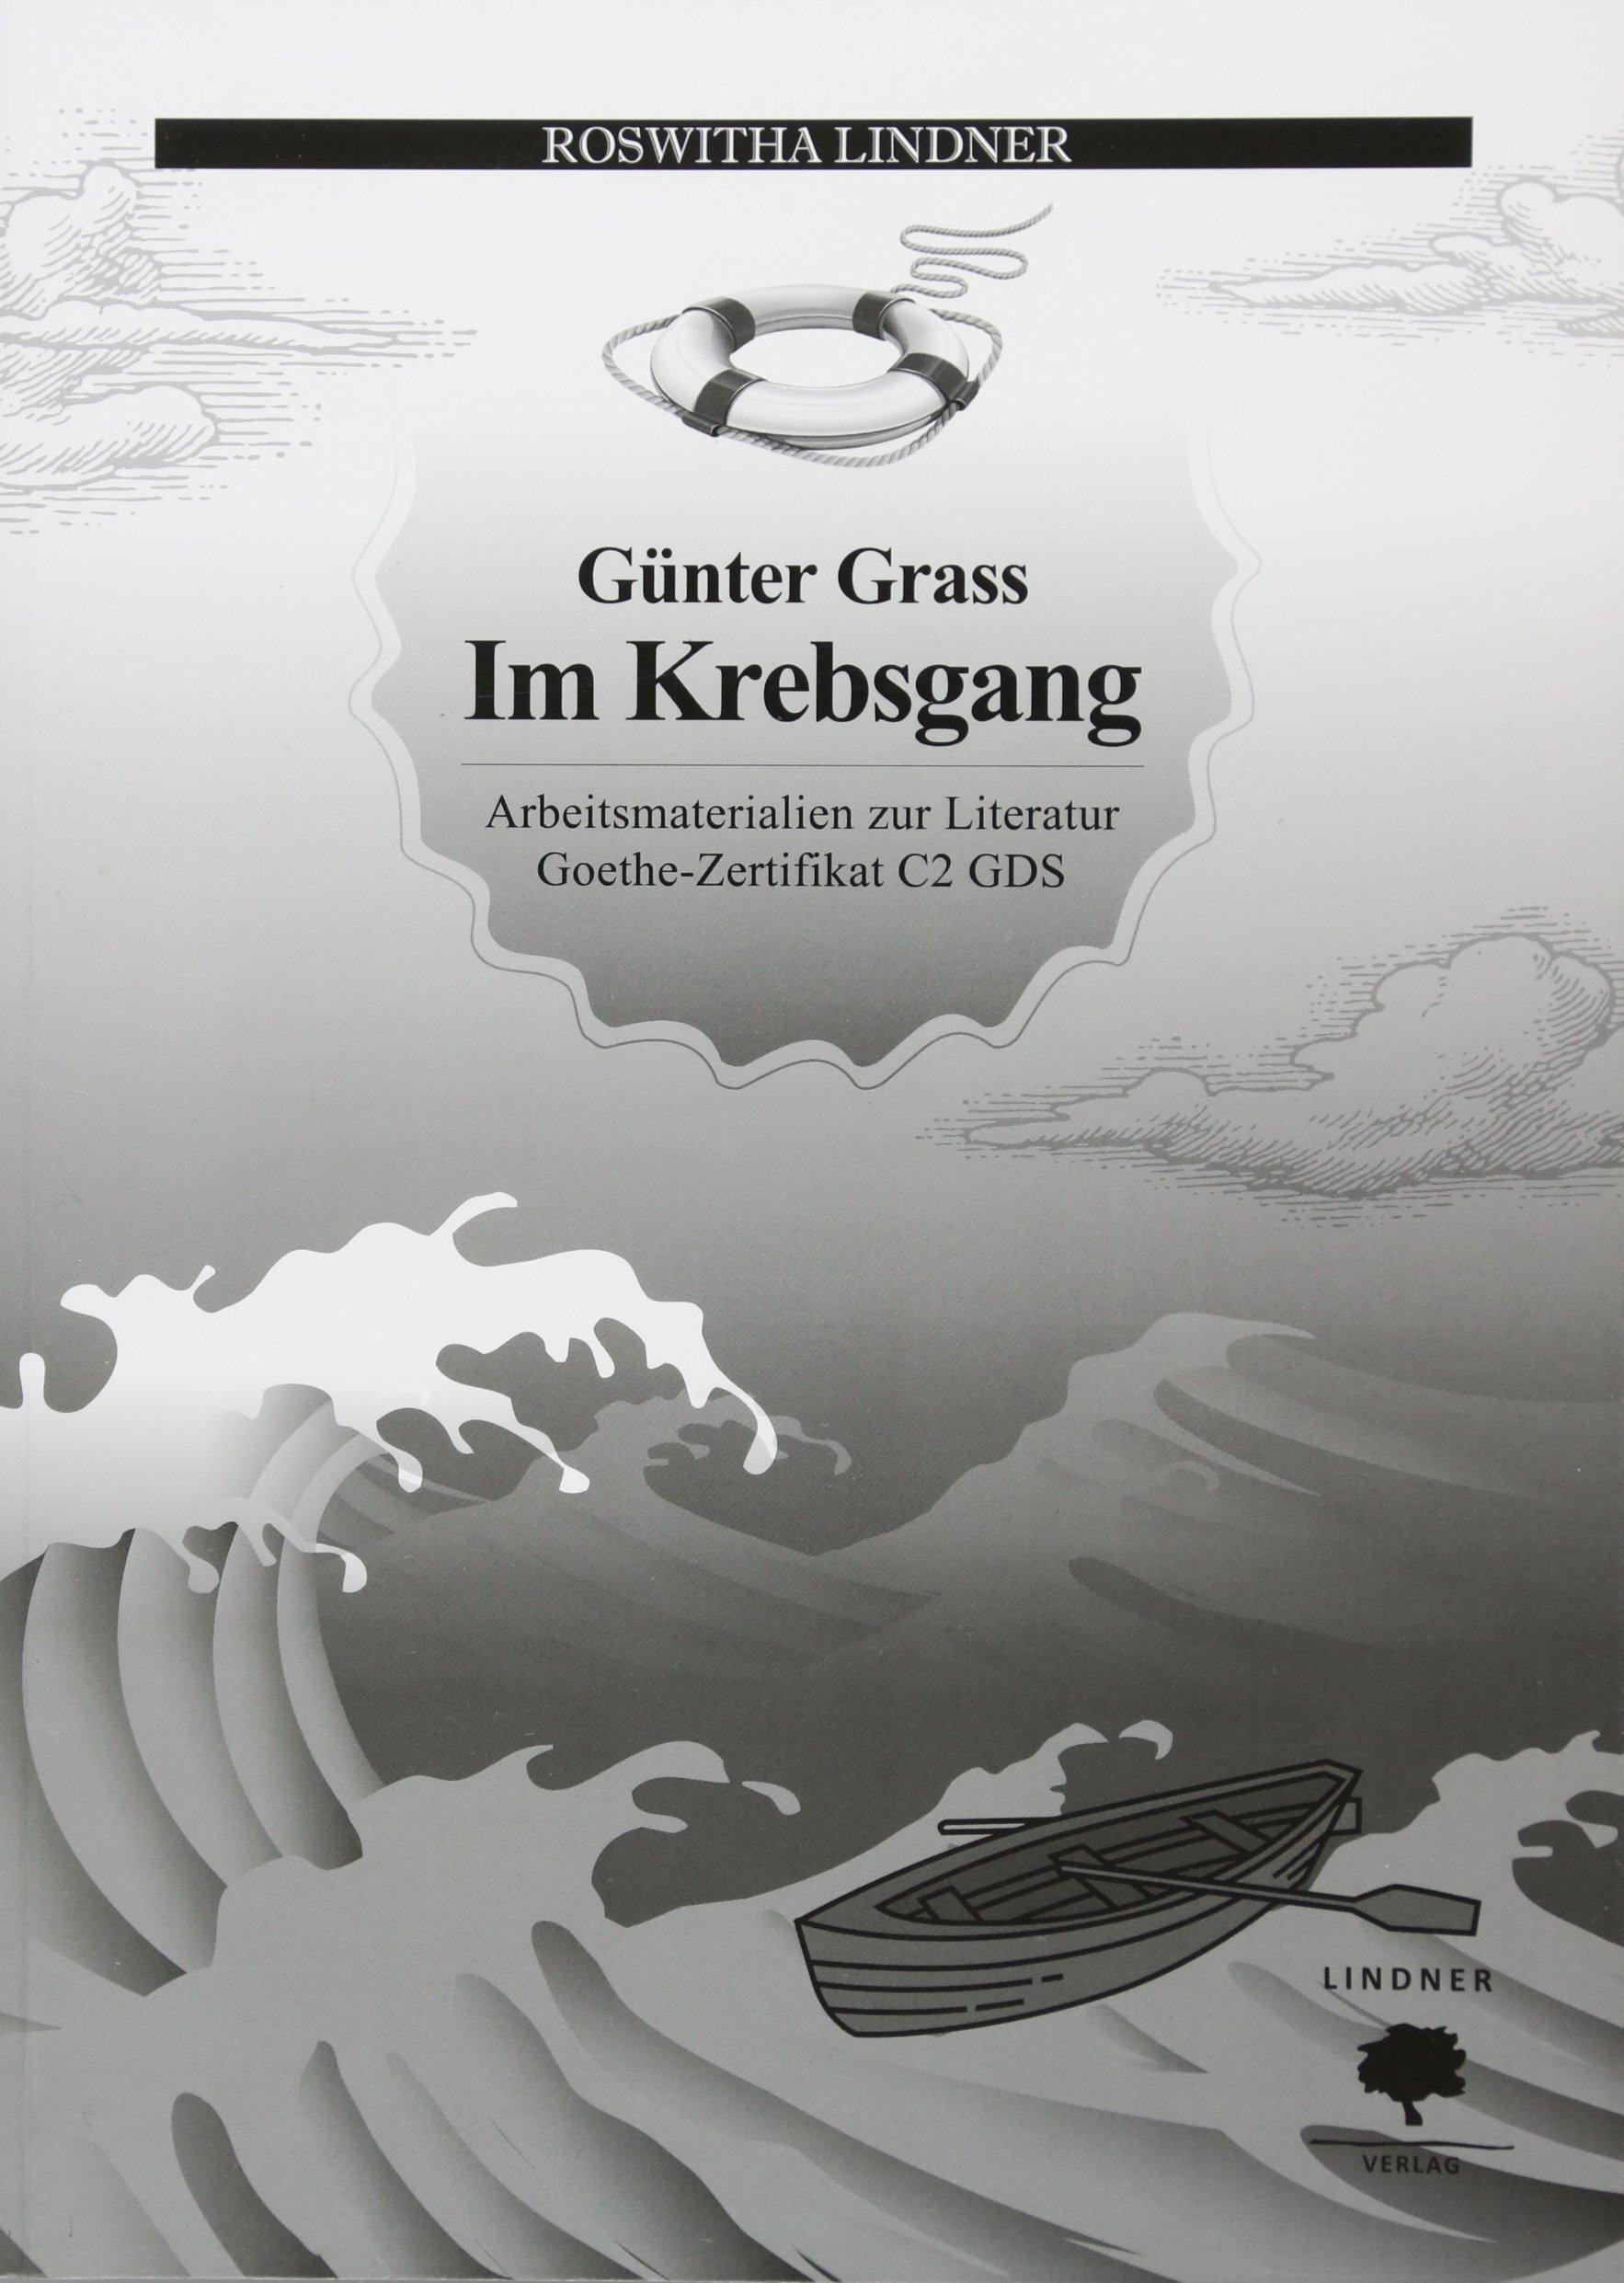 Arbeitsmaterialien zur Literatur Goethe Zertifikat C2 GDS: Günter Grass - Im Krebsgang